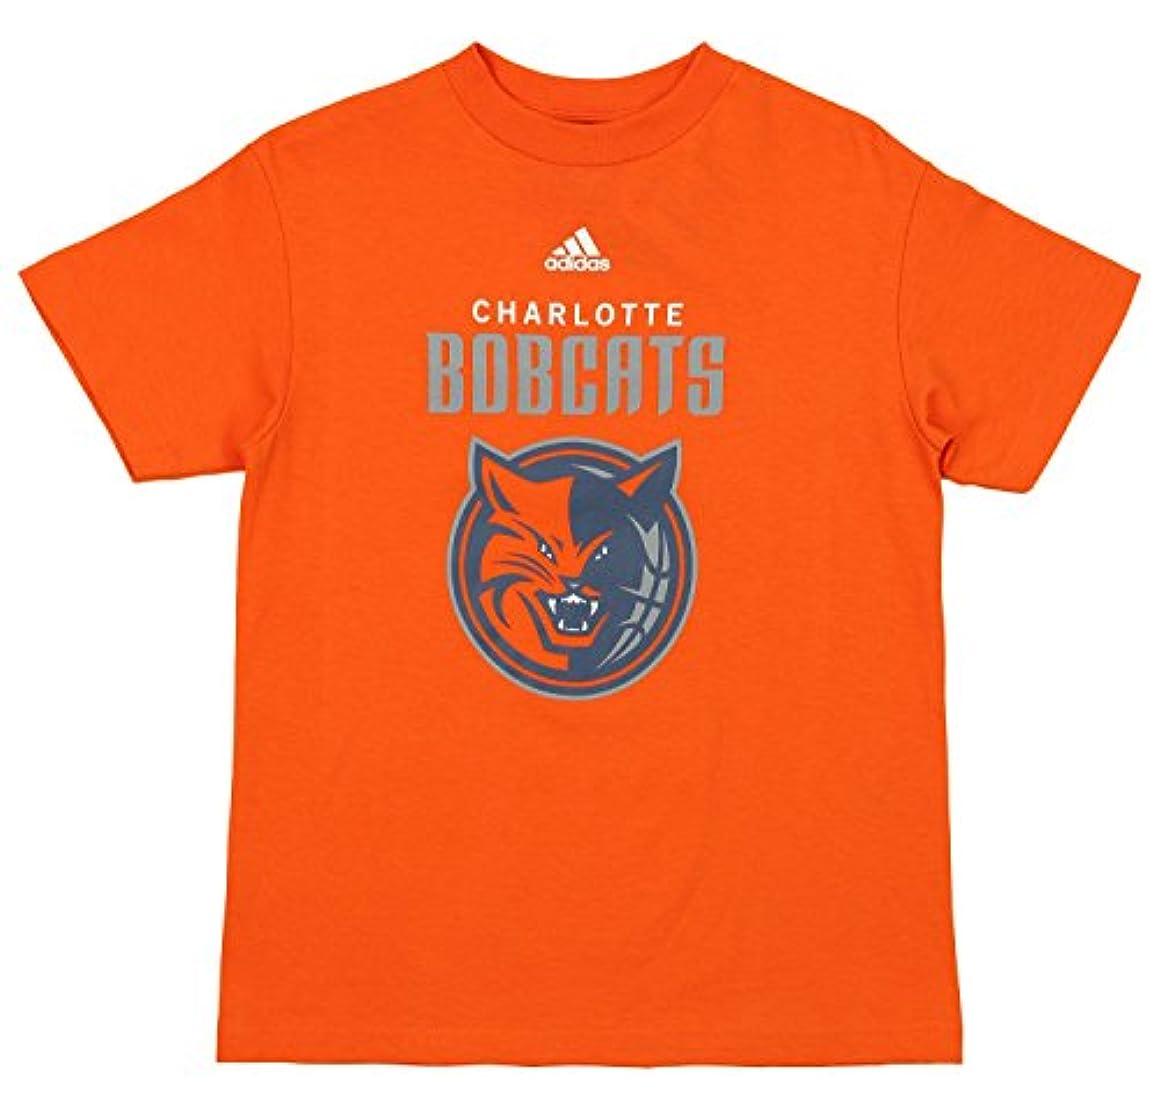 解くバッチ町Adidas NBA Youth 's Charlotte BobcatsチームロゴTシャツ、スリーブオプション Large (14-16) オレンジ